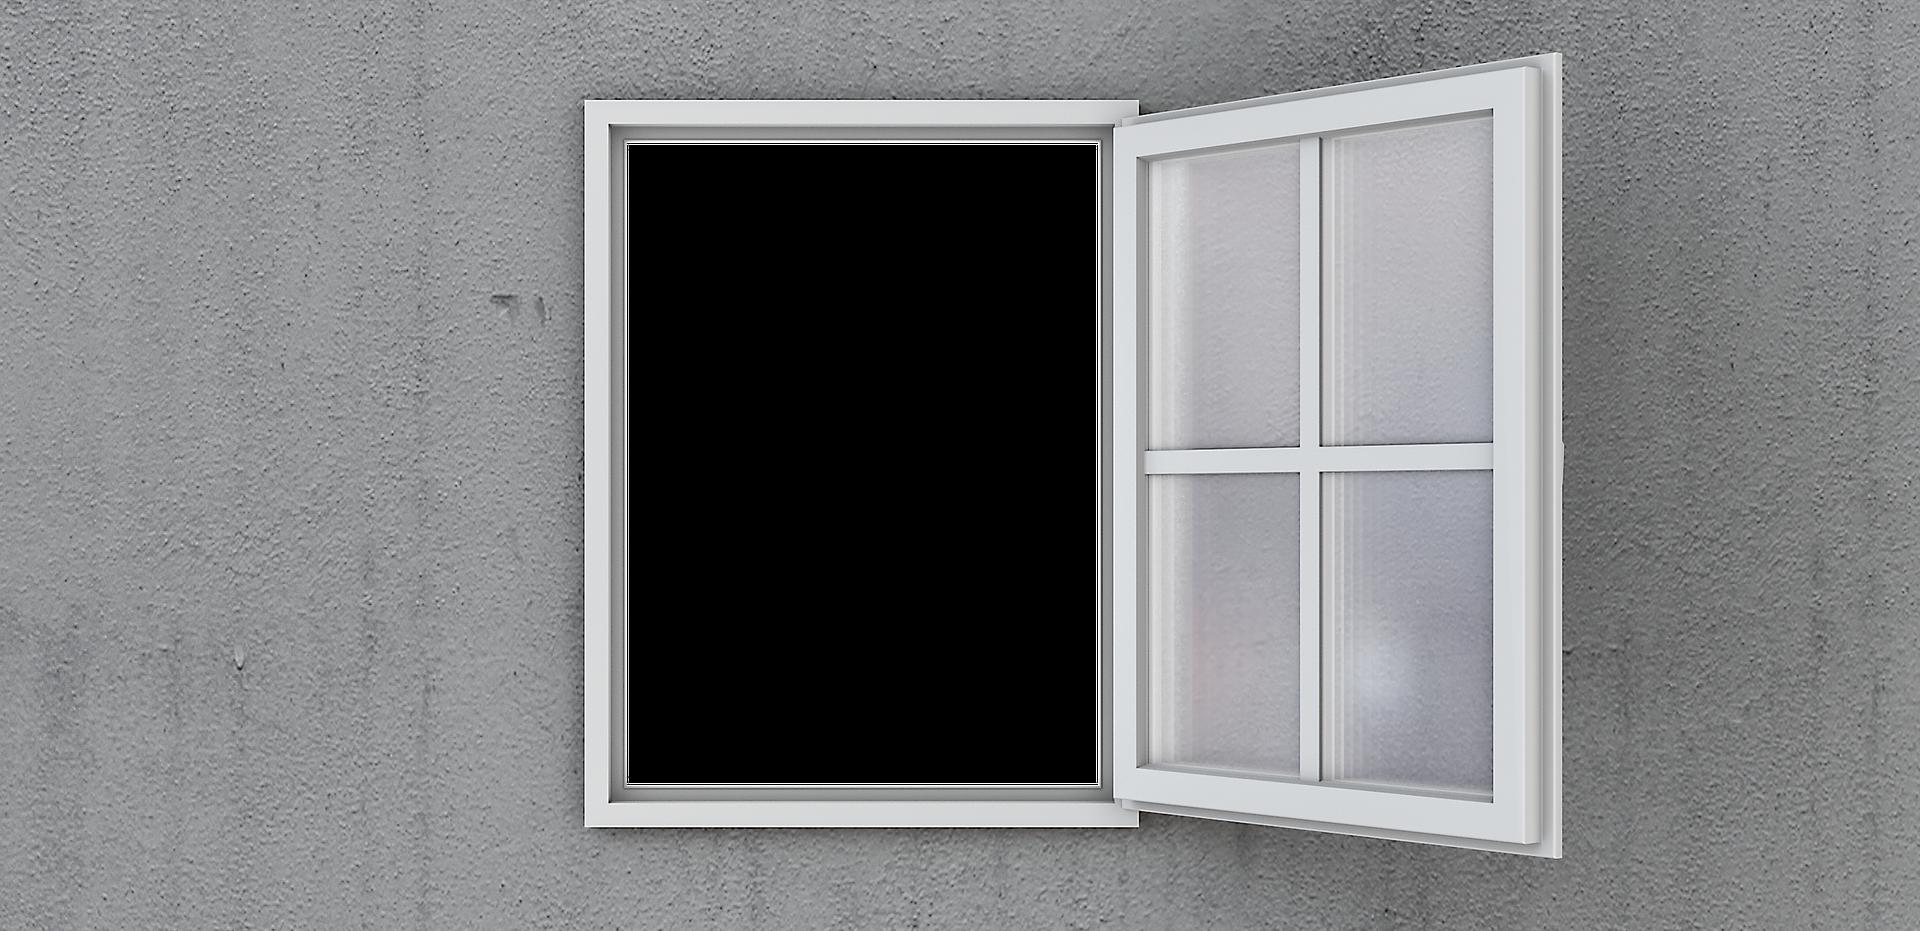 Feuchte Wände Wand Feuchtigkeitsschaden Infrarot Heizplatte Bautrocknung Duregger Sanierung Entfeuchtung Bautrockner Miete München Neubaufeuchte Stoßlüften